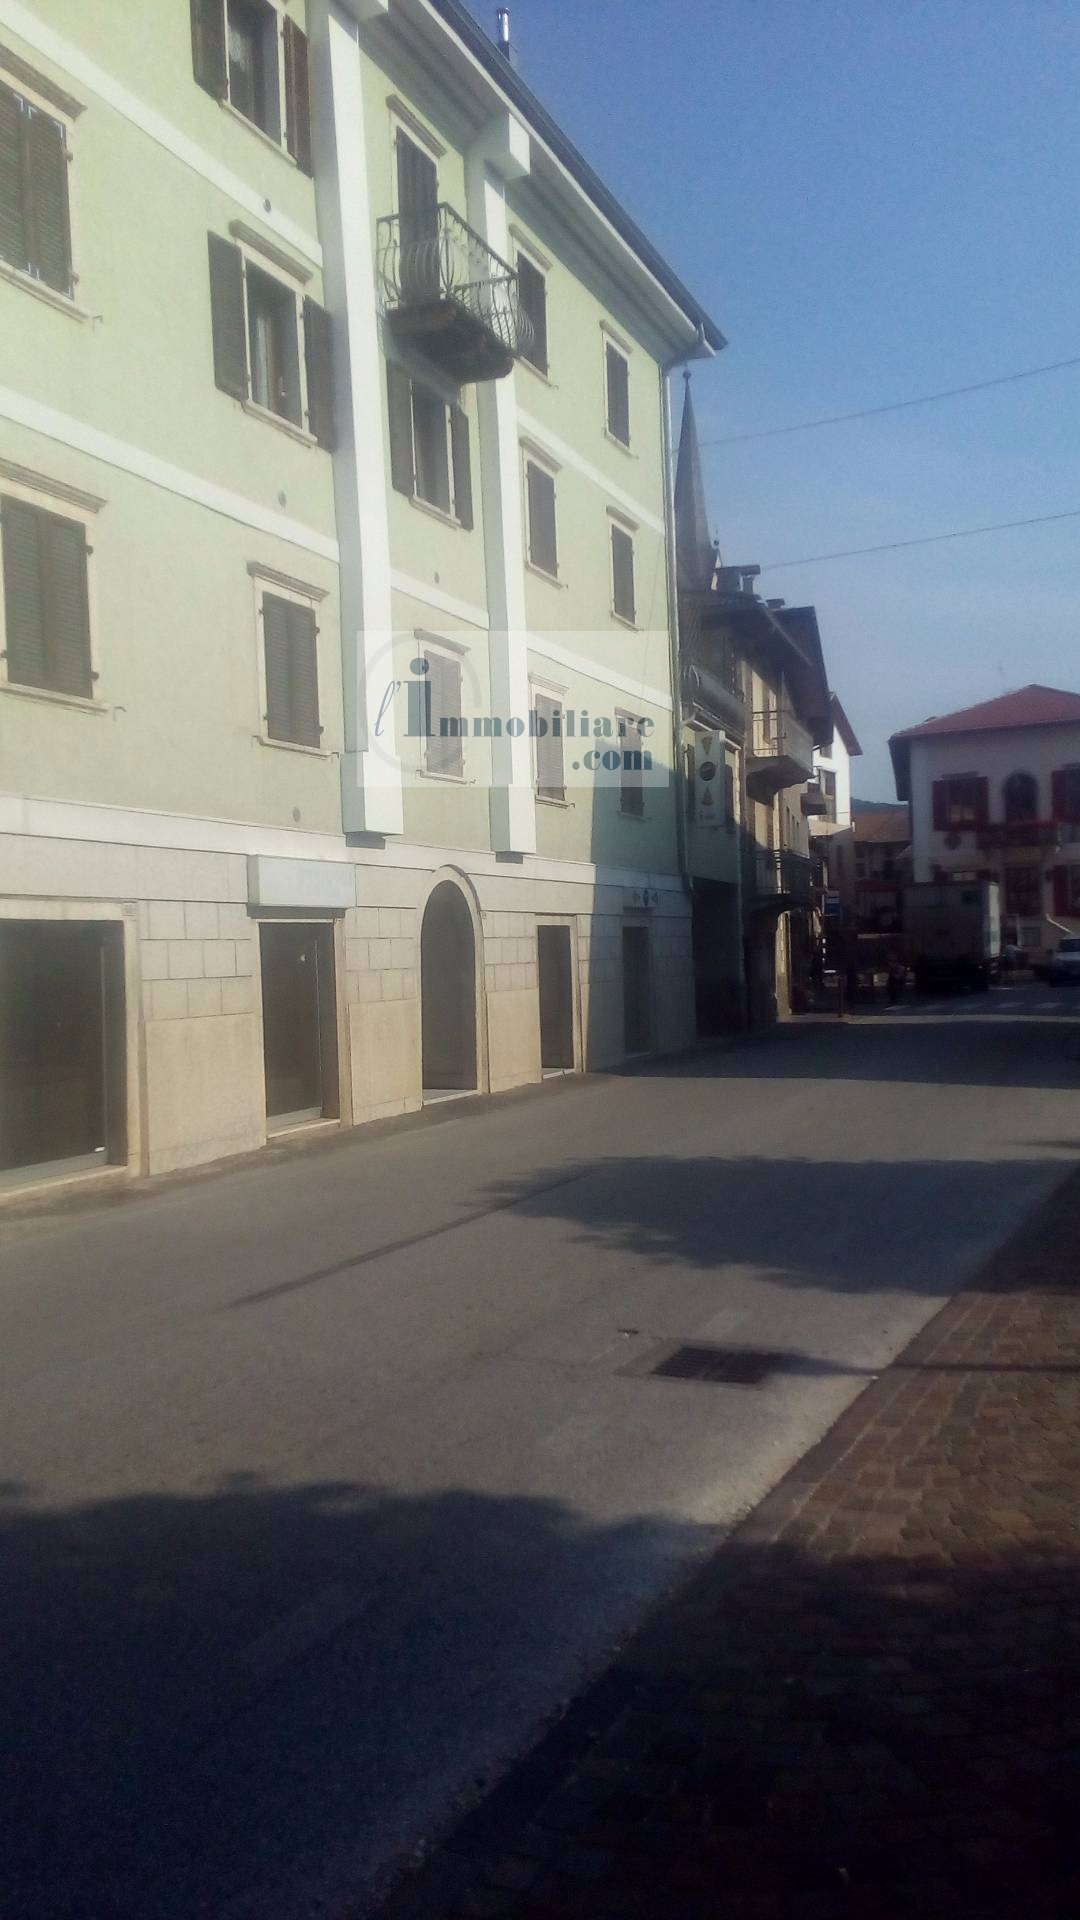 Appartamento in vendita a Cavareno, 3 locali, prezzo € 70.000   CambioCasa.it